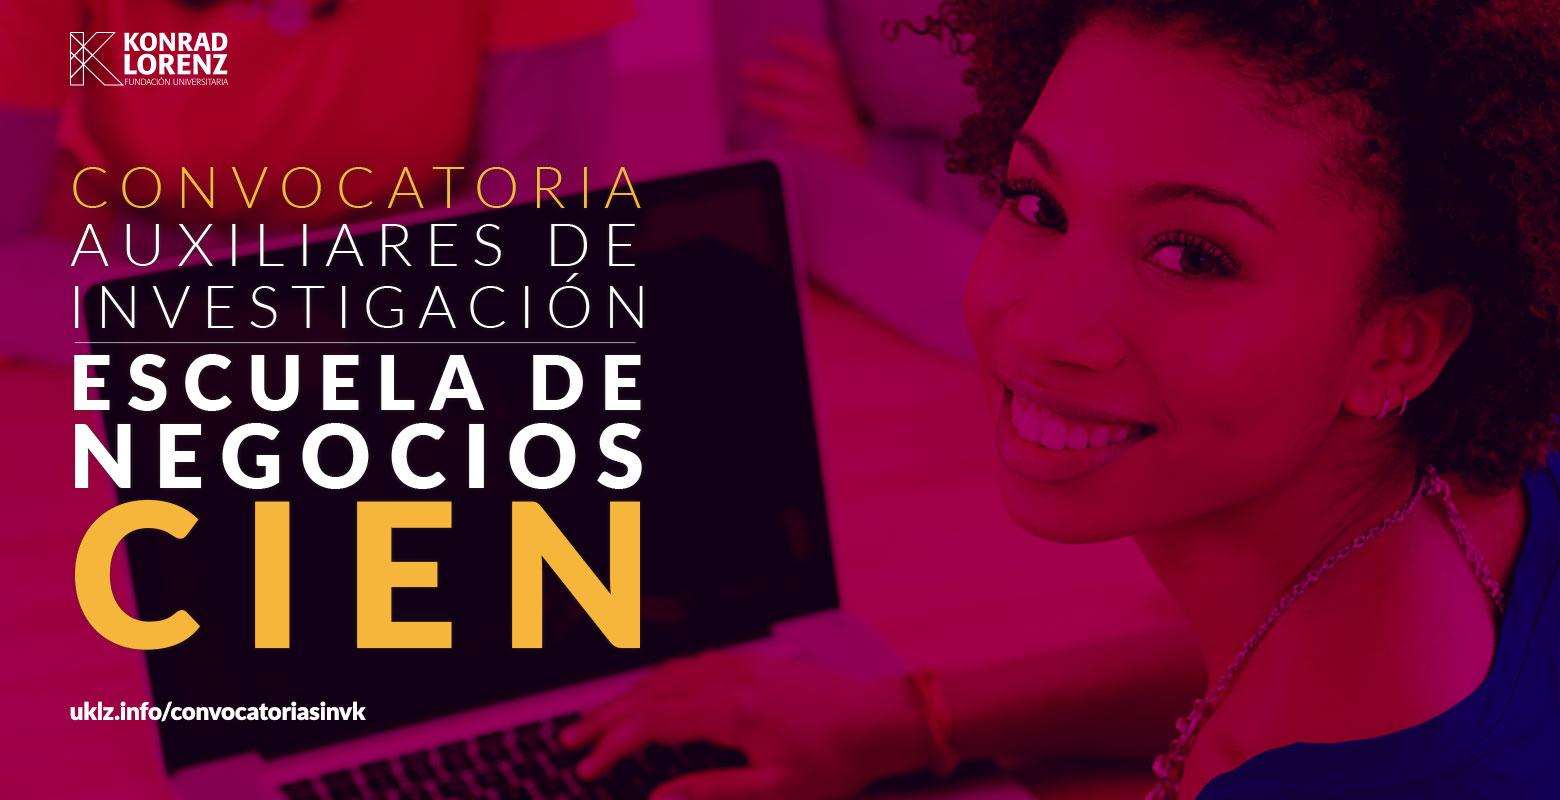 Convocatoria para designación de auxiliares de investigación a proyectos institucionales de investigación de la Escuela de Negocios 2017-II